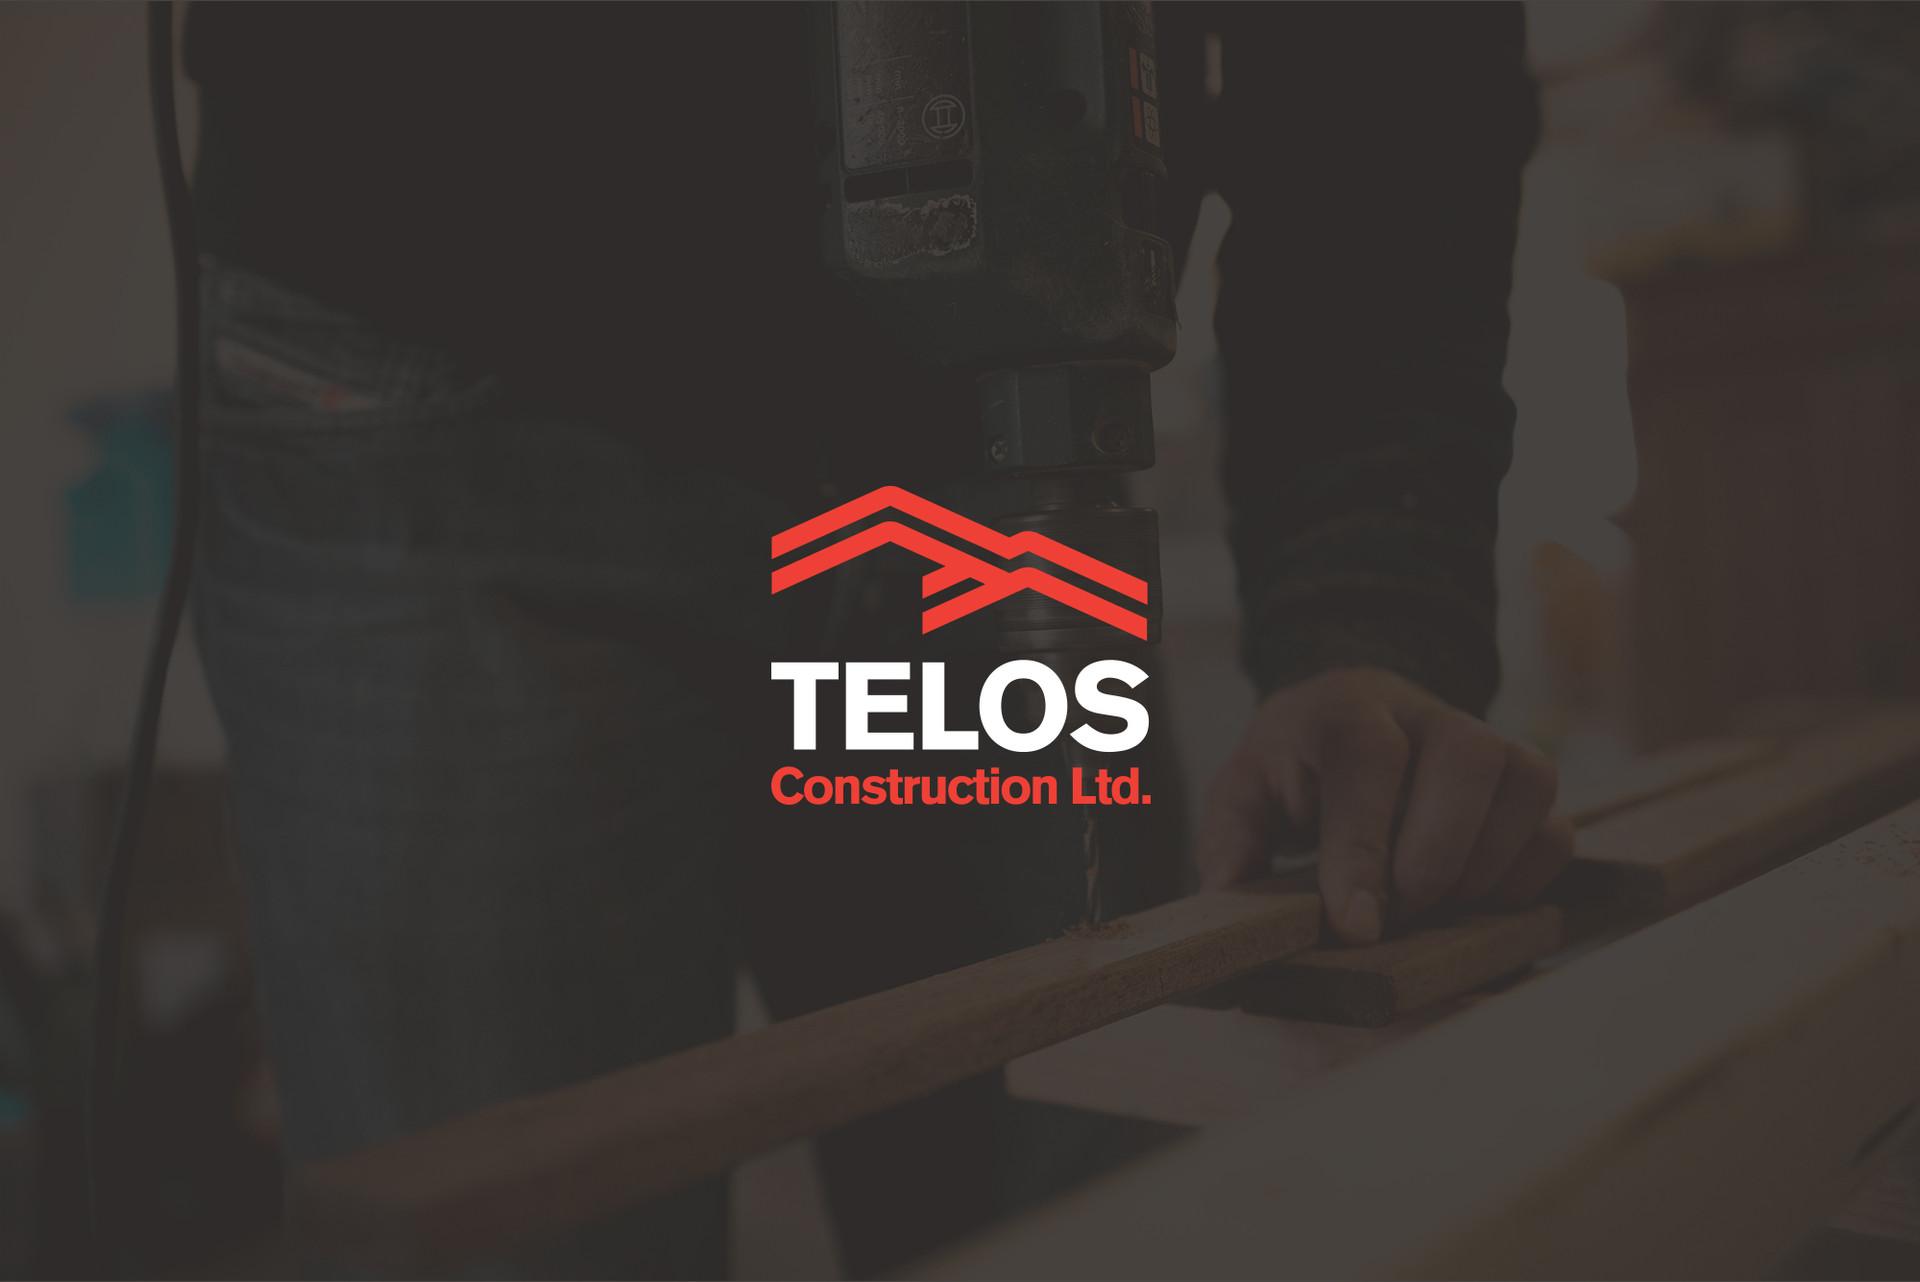 Telos Construction Ltd.